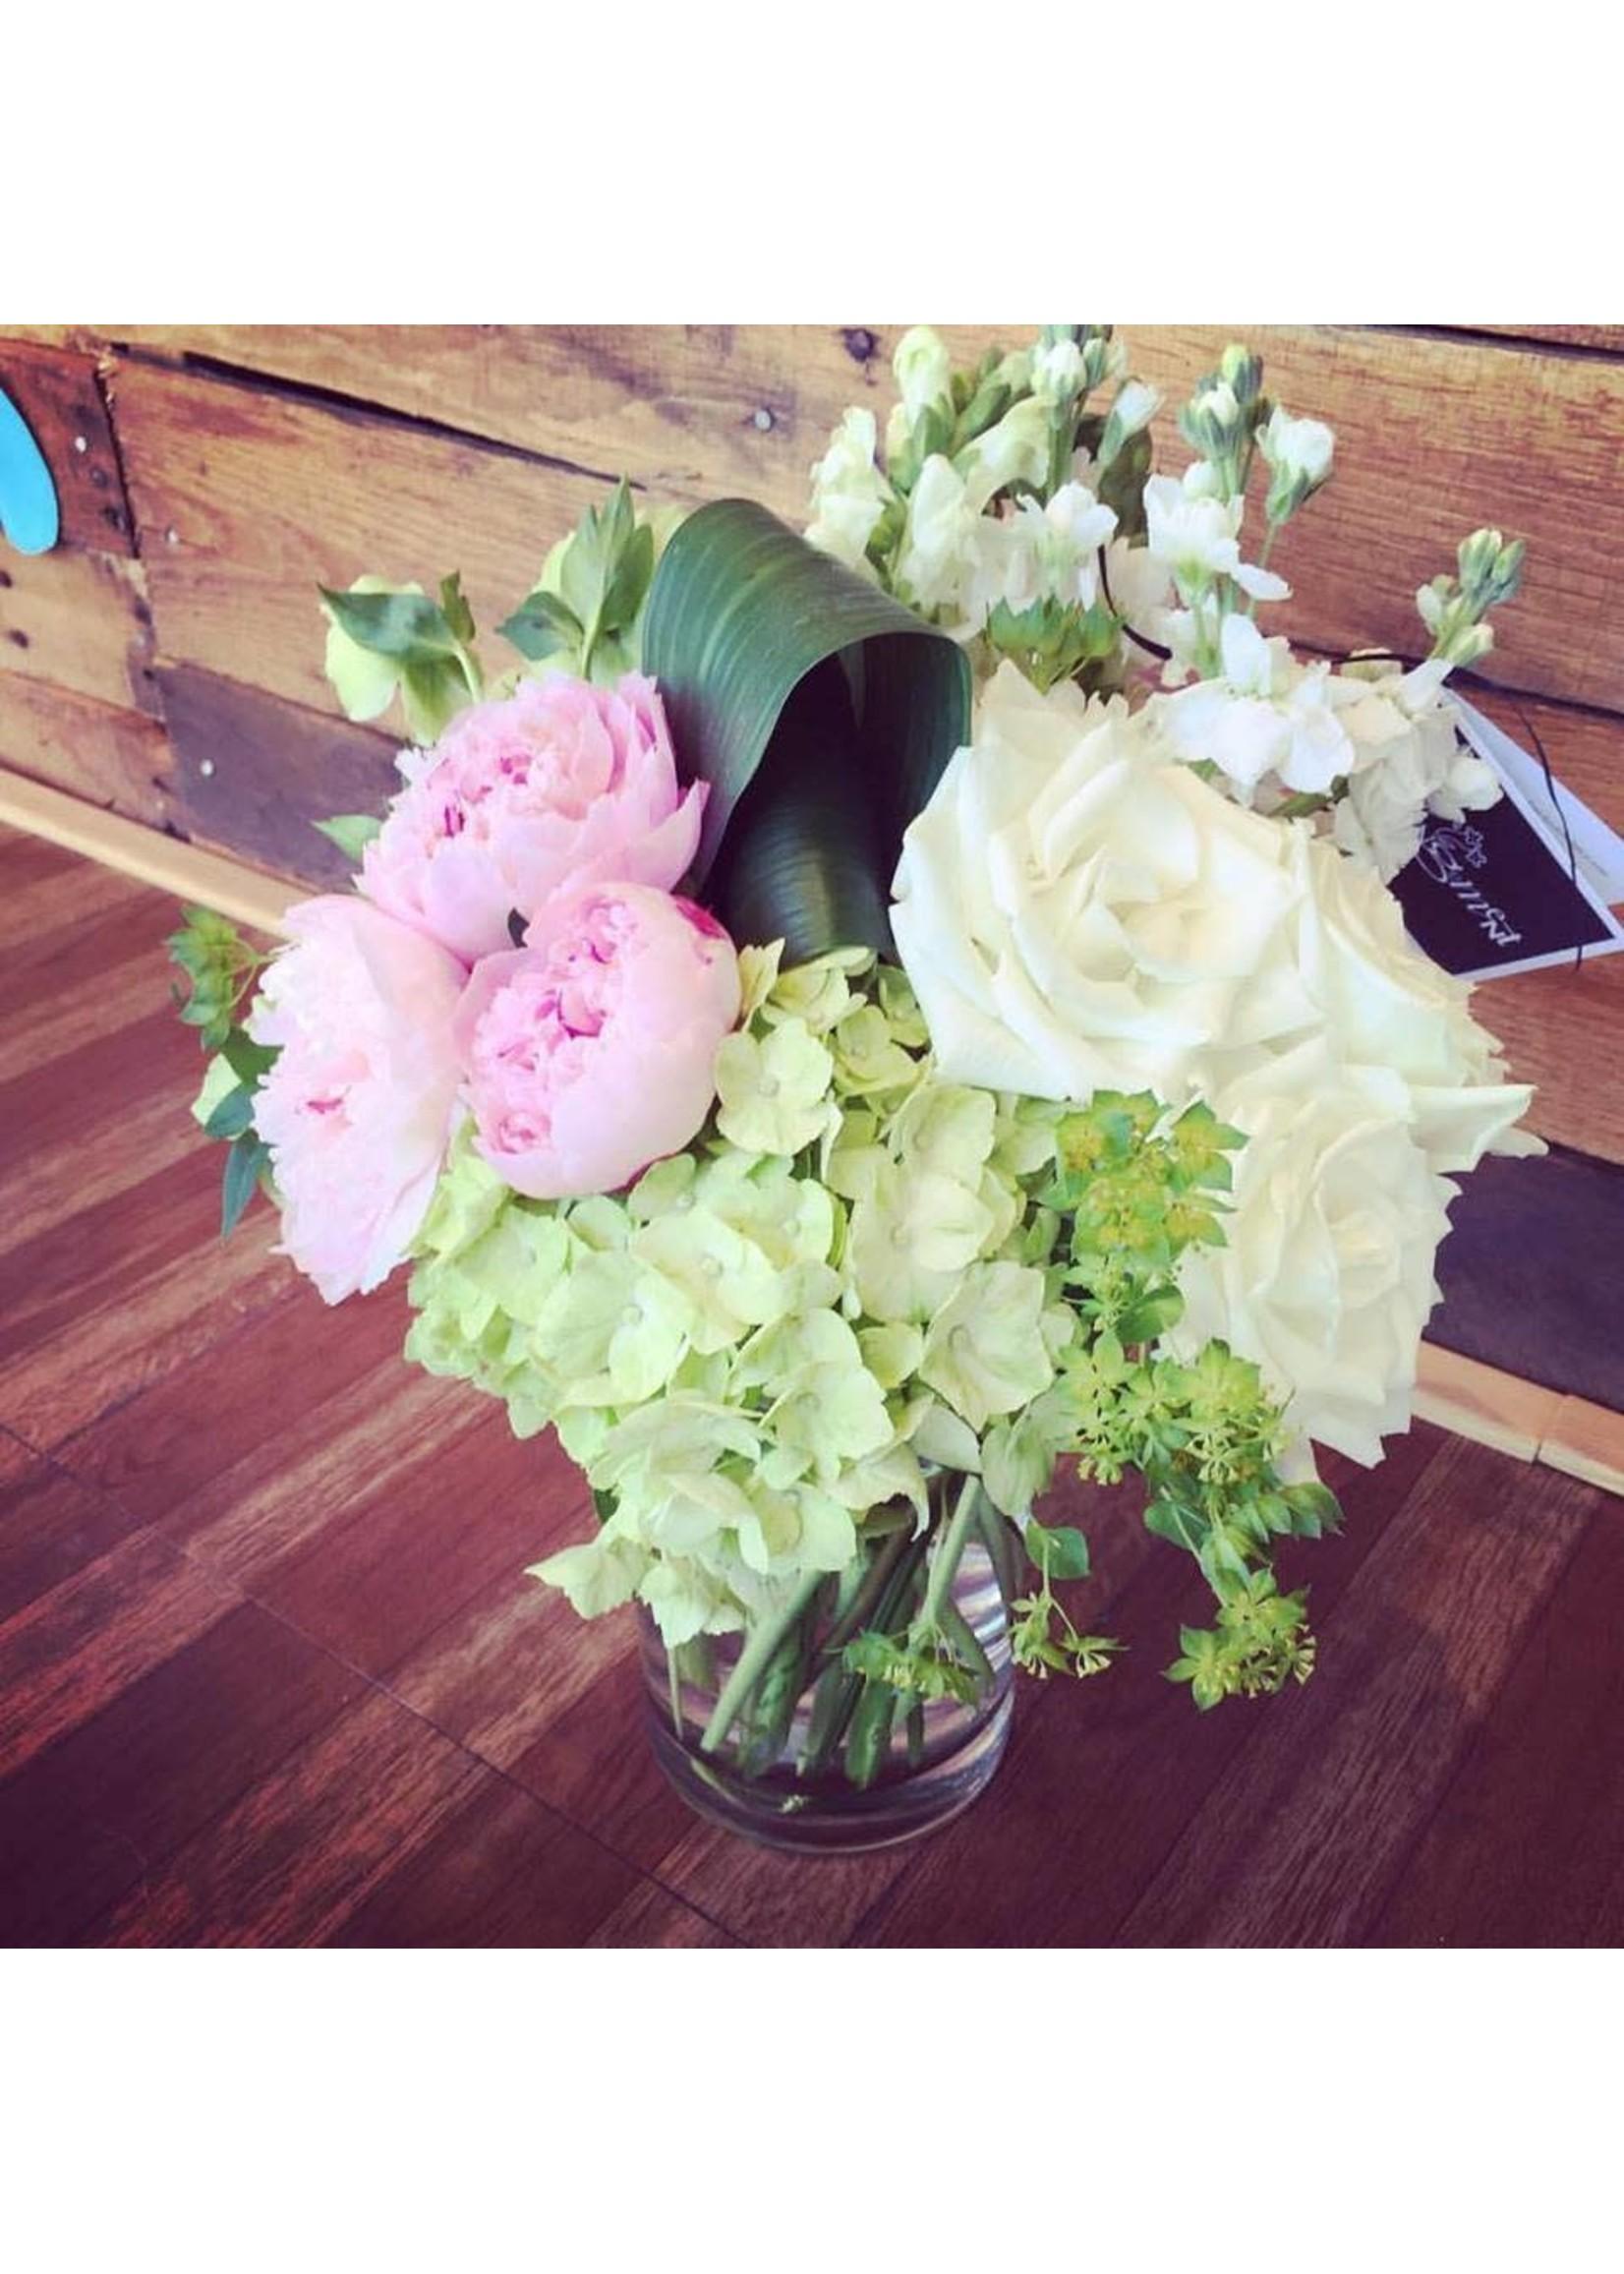 Large Basic Seasonal Blooms